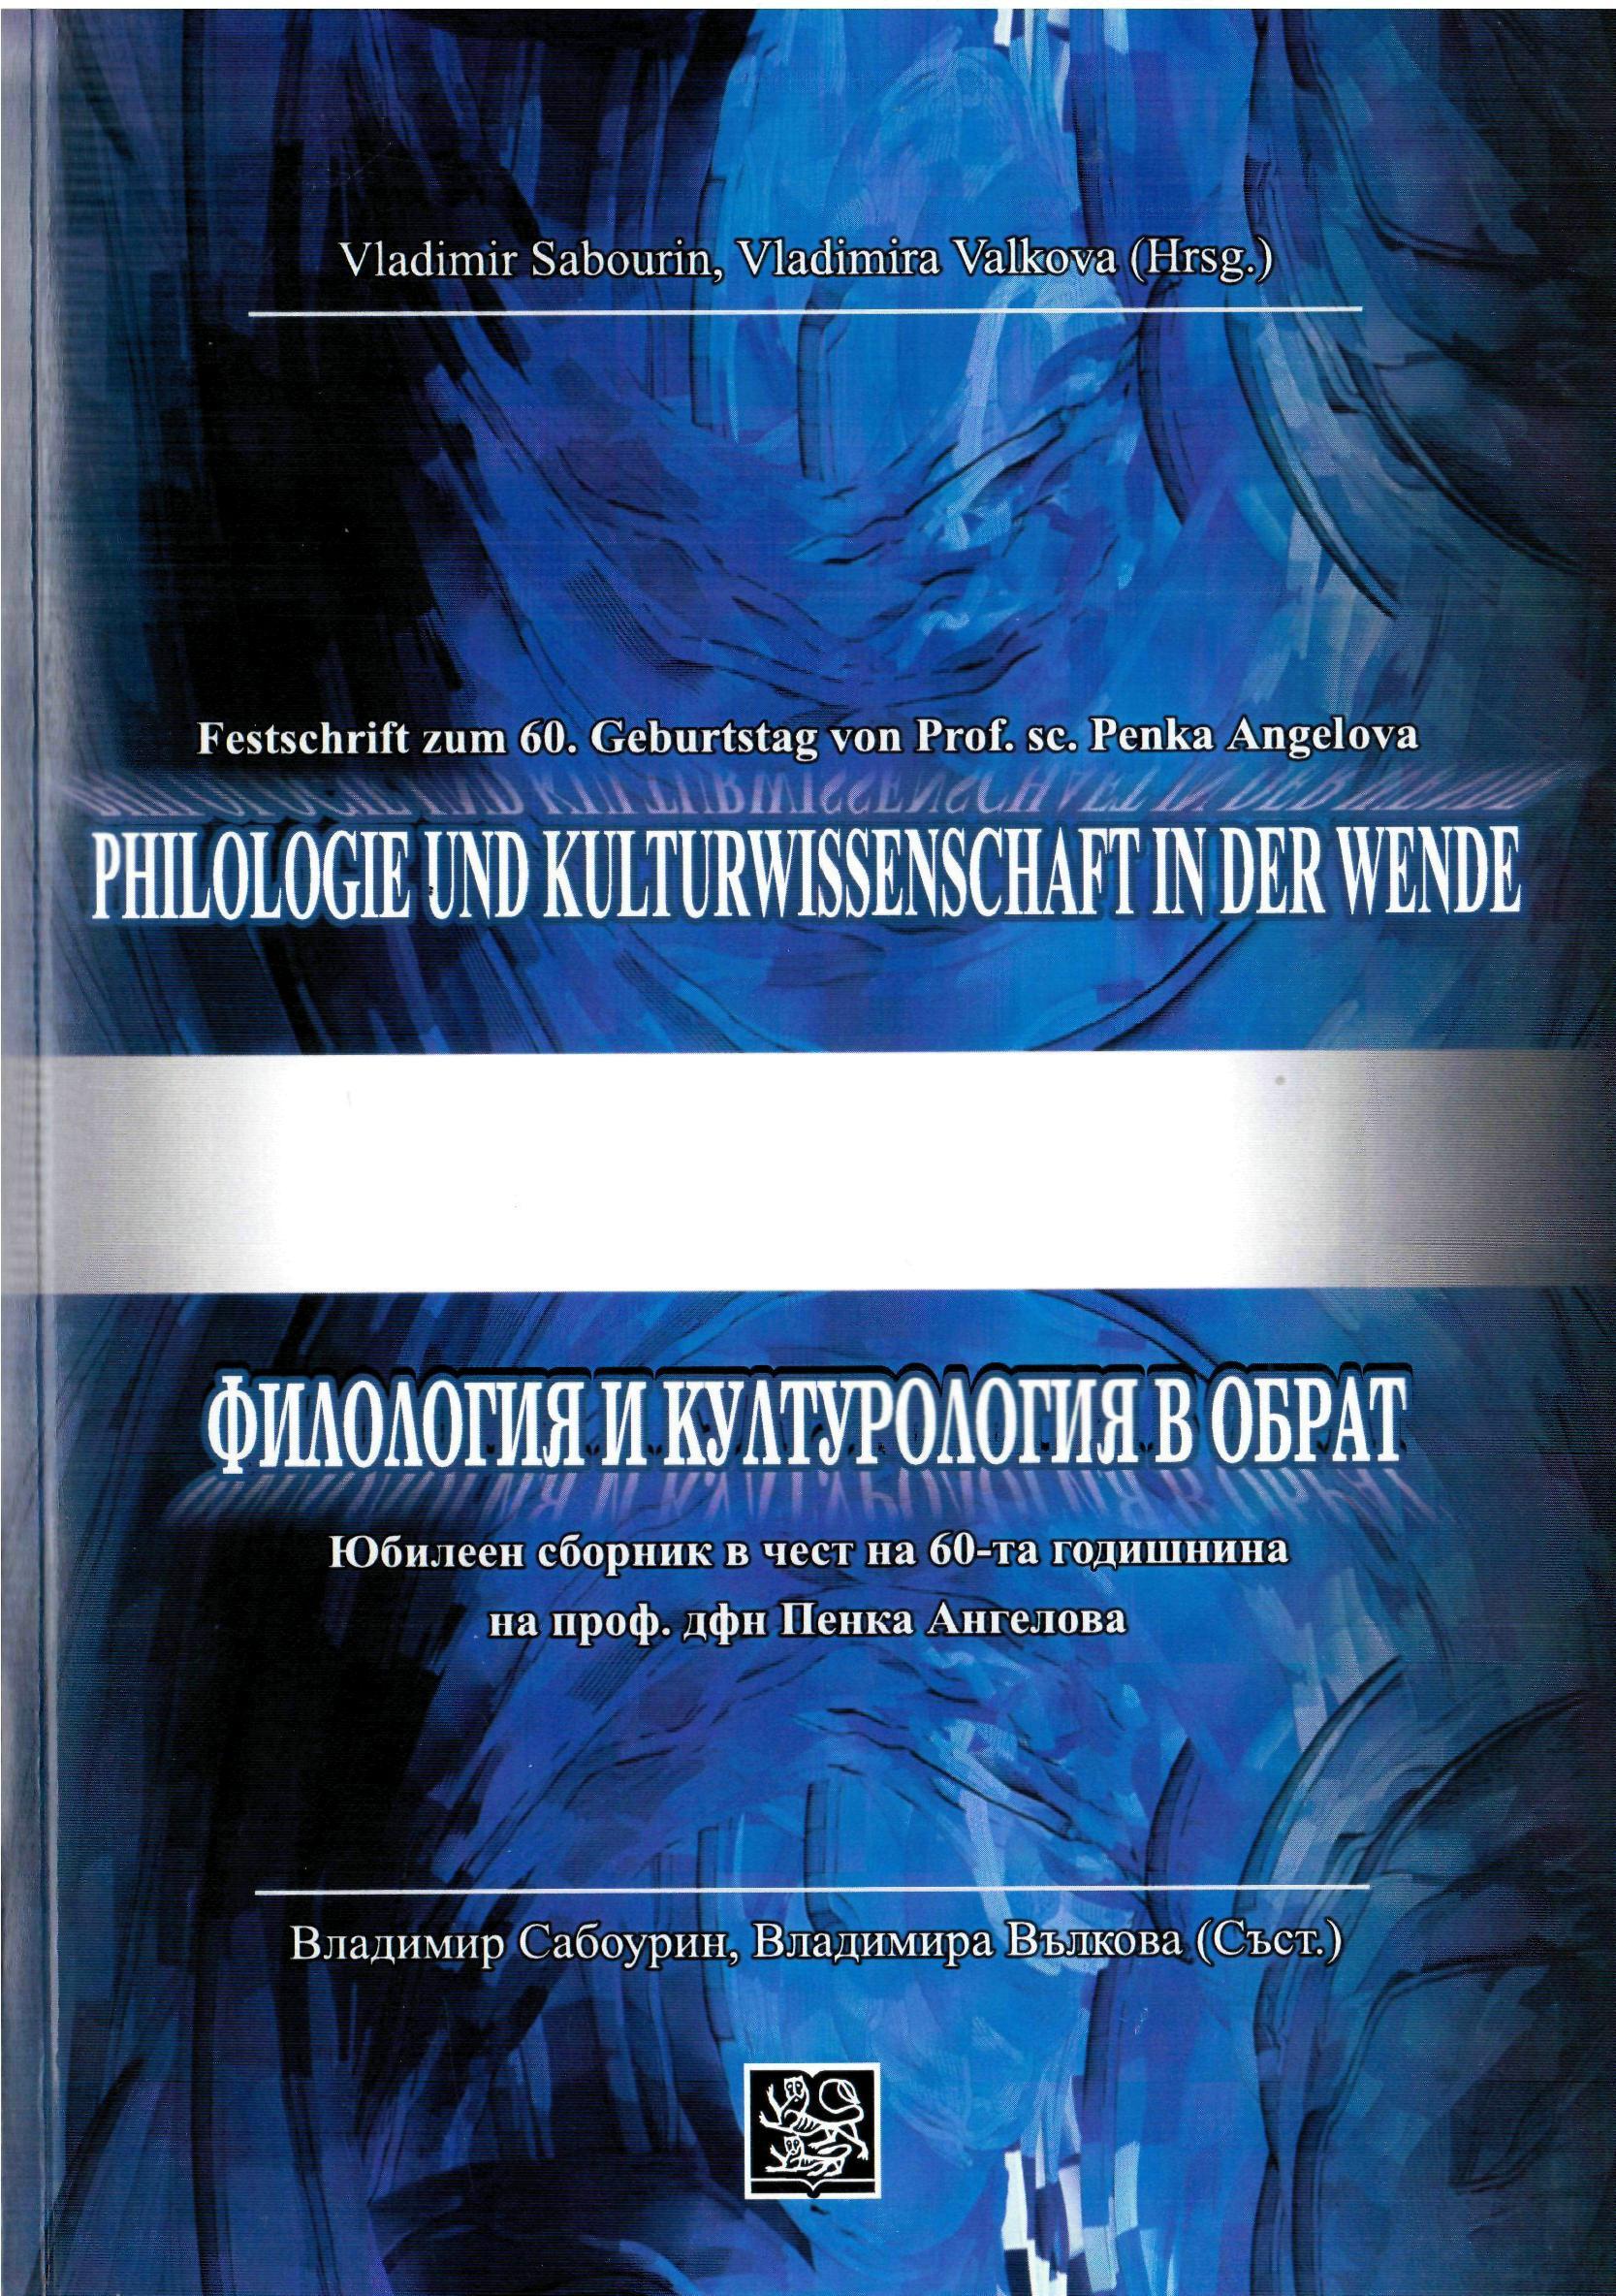 """Konzepte des """"Eigenen"""" und des """"Fremden"""" in Autobiographie und autobiographischen Essays von Elias Canetti."""